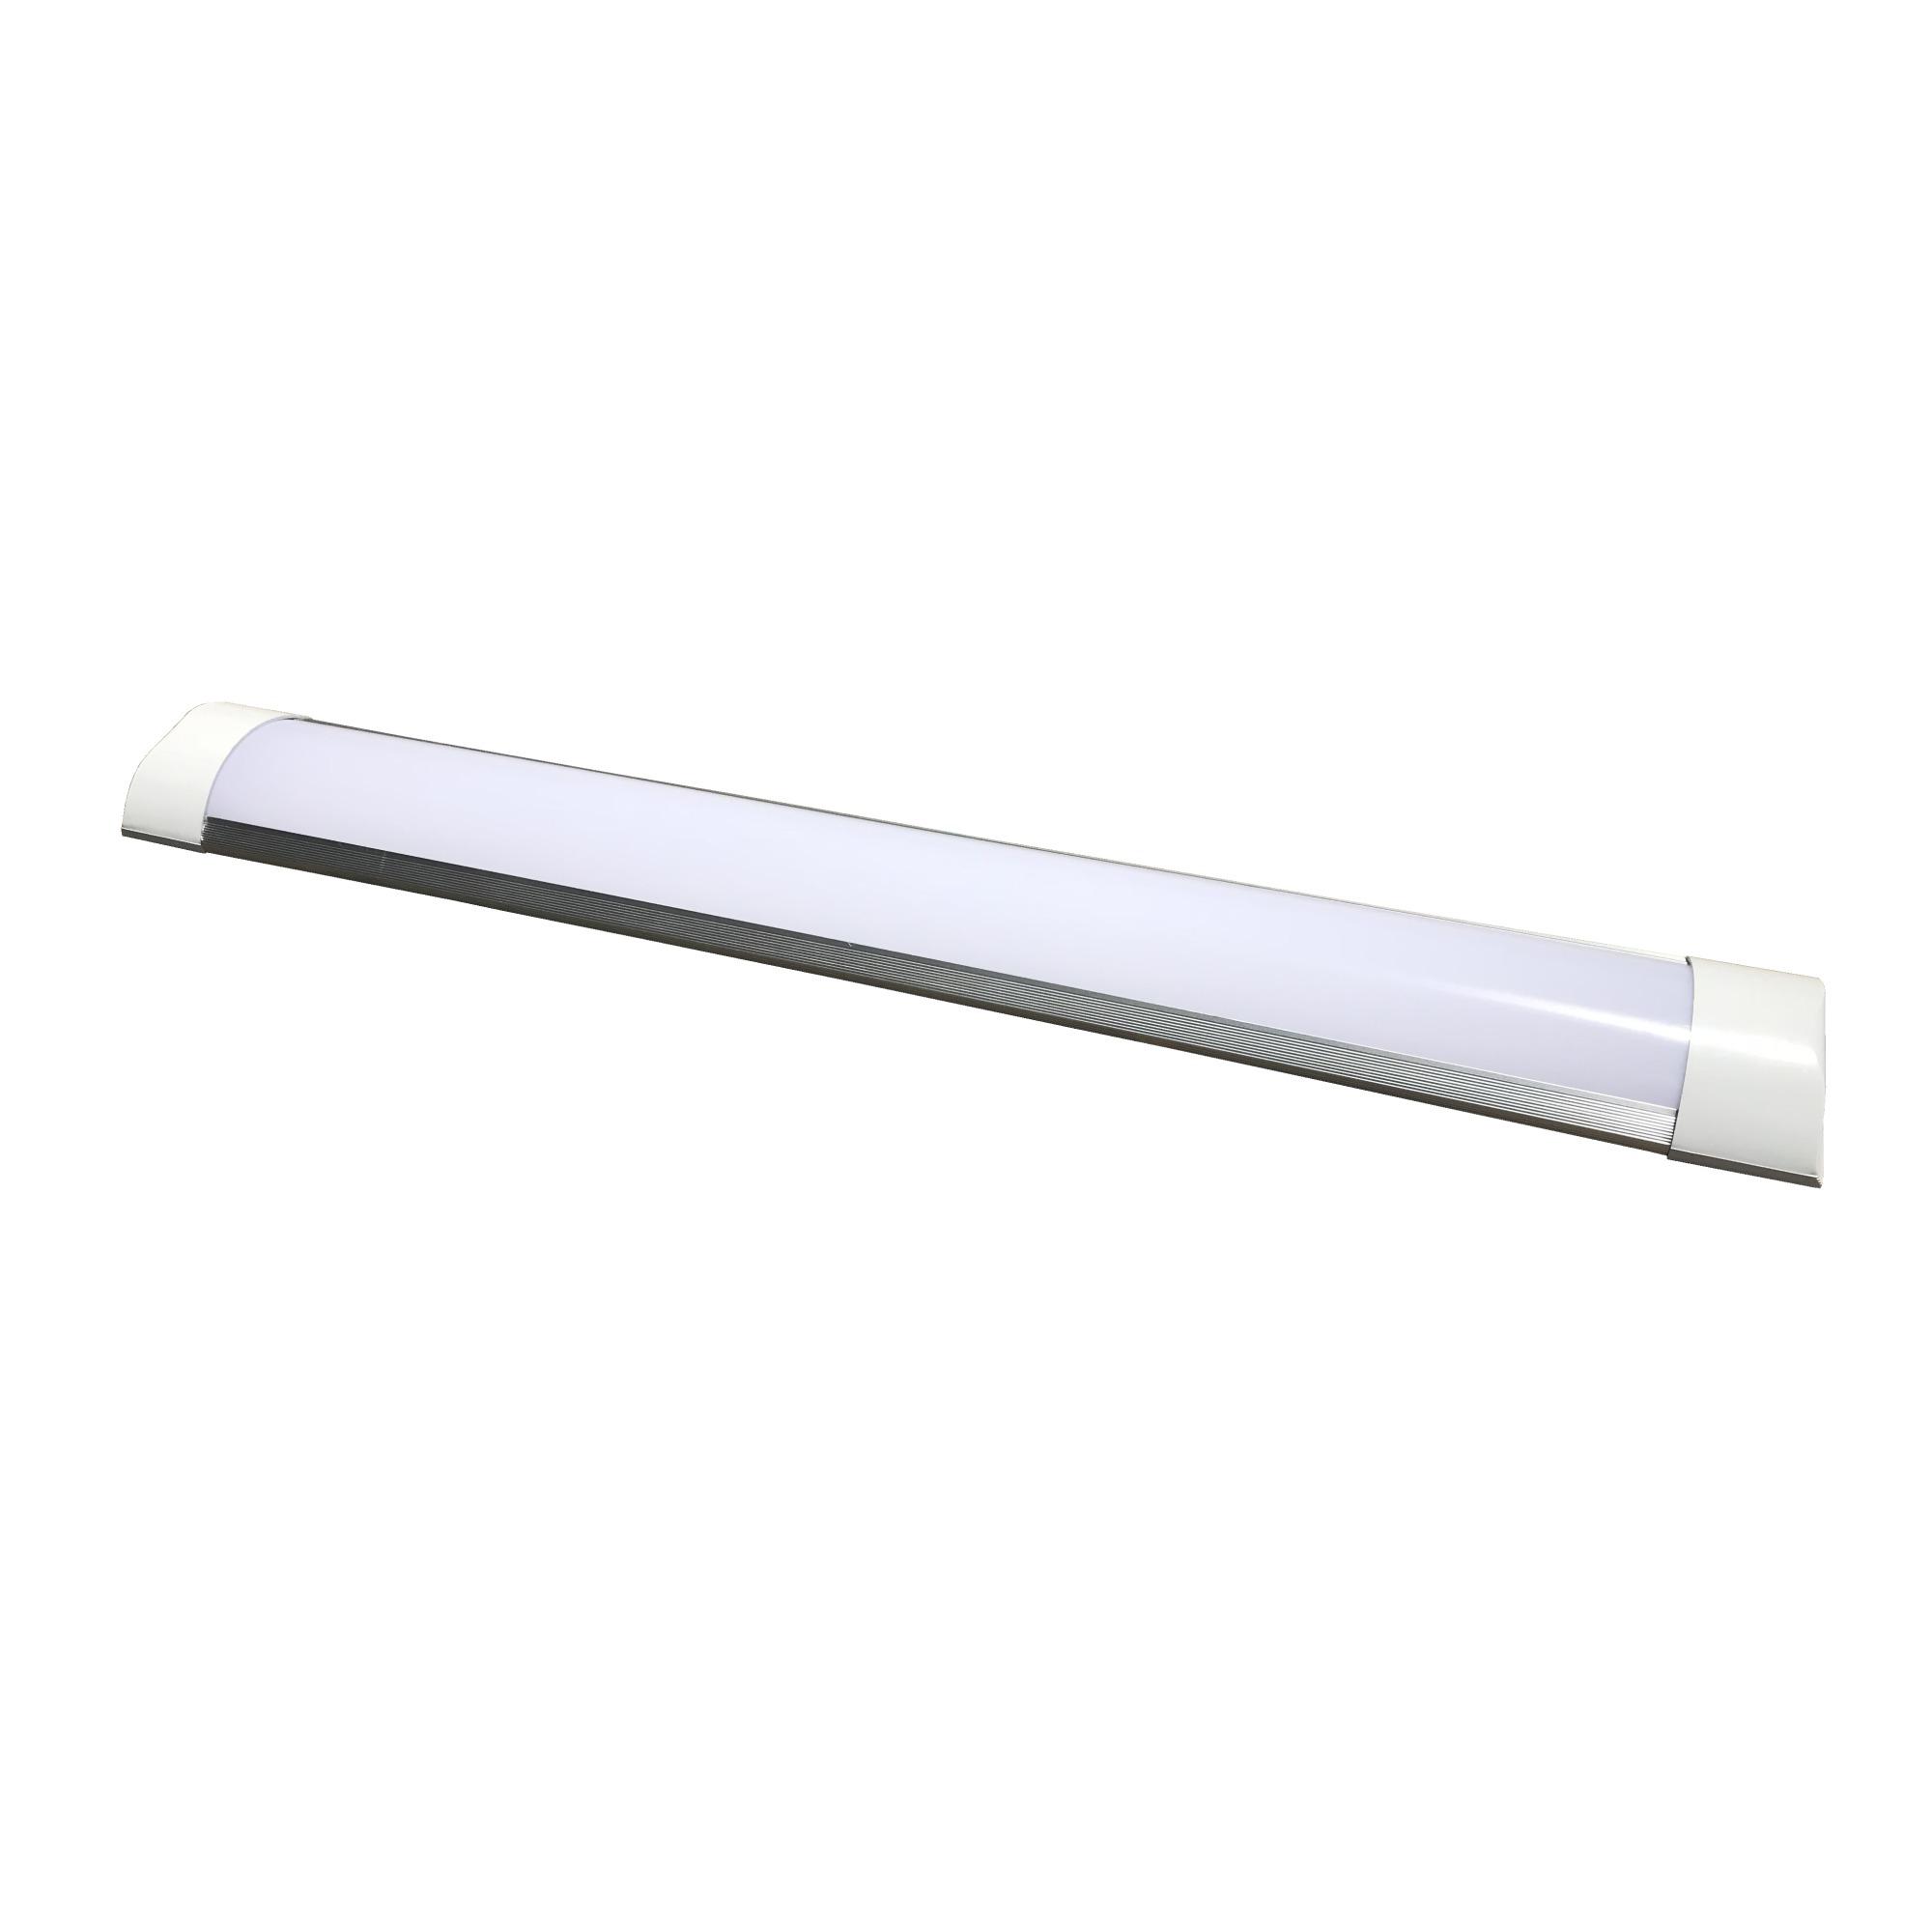 Luminaria de Sobrepor LED Slim 120CM 36W Bivolt - Nitrolux